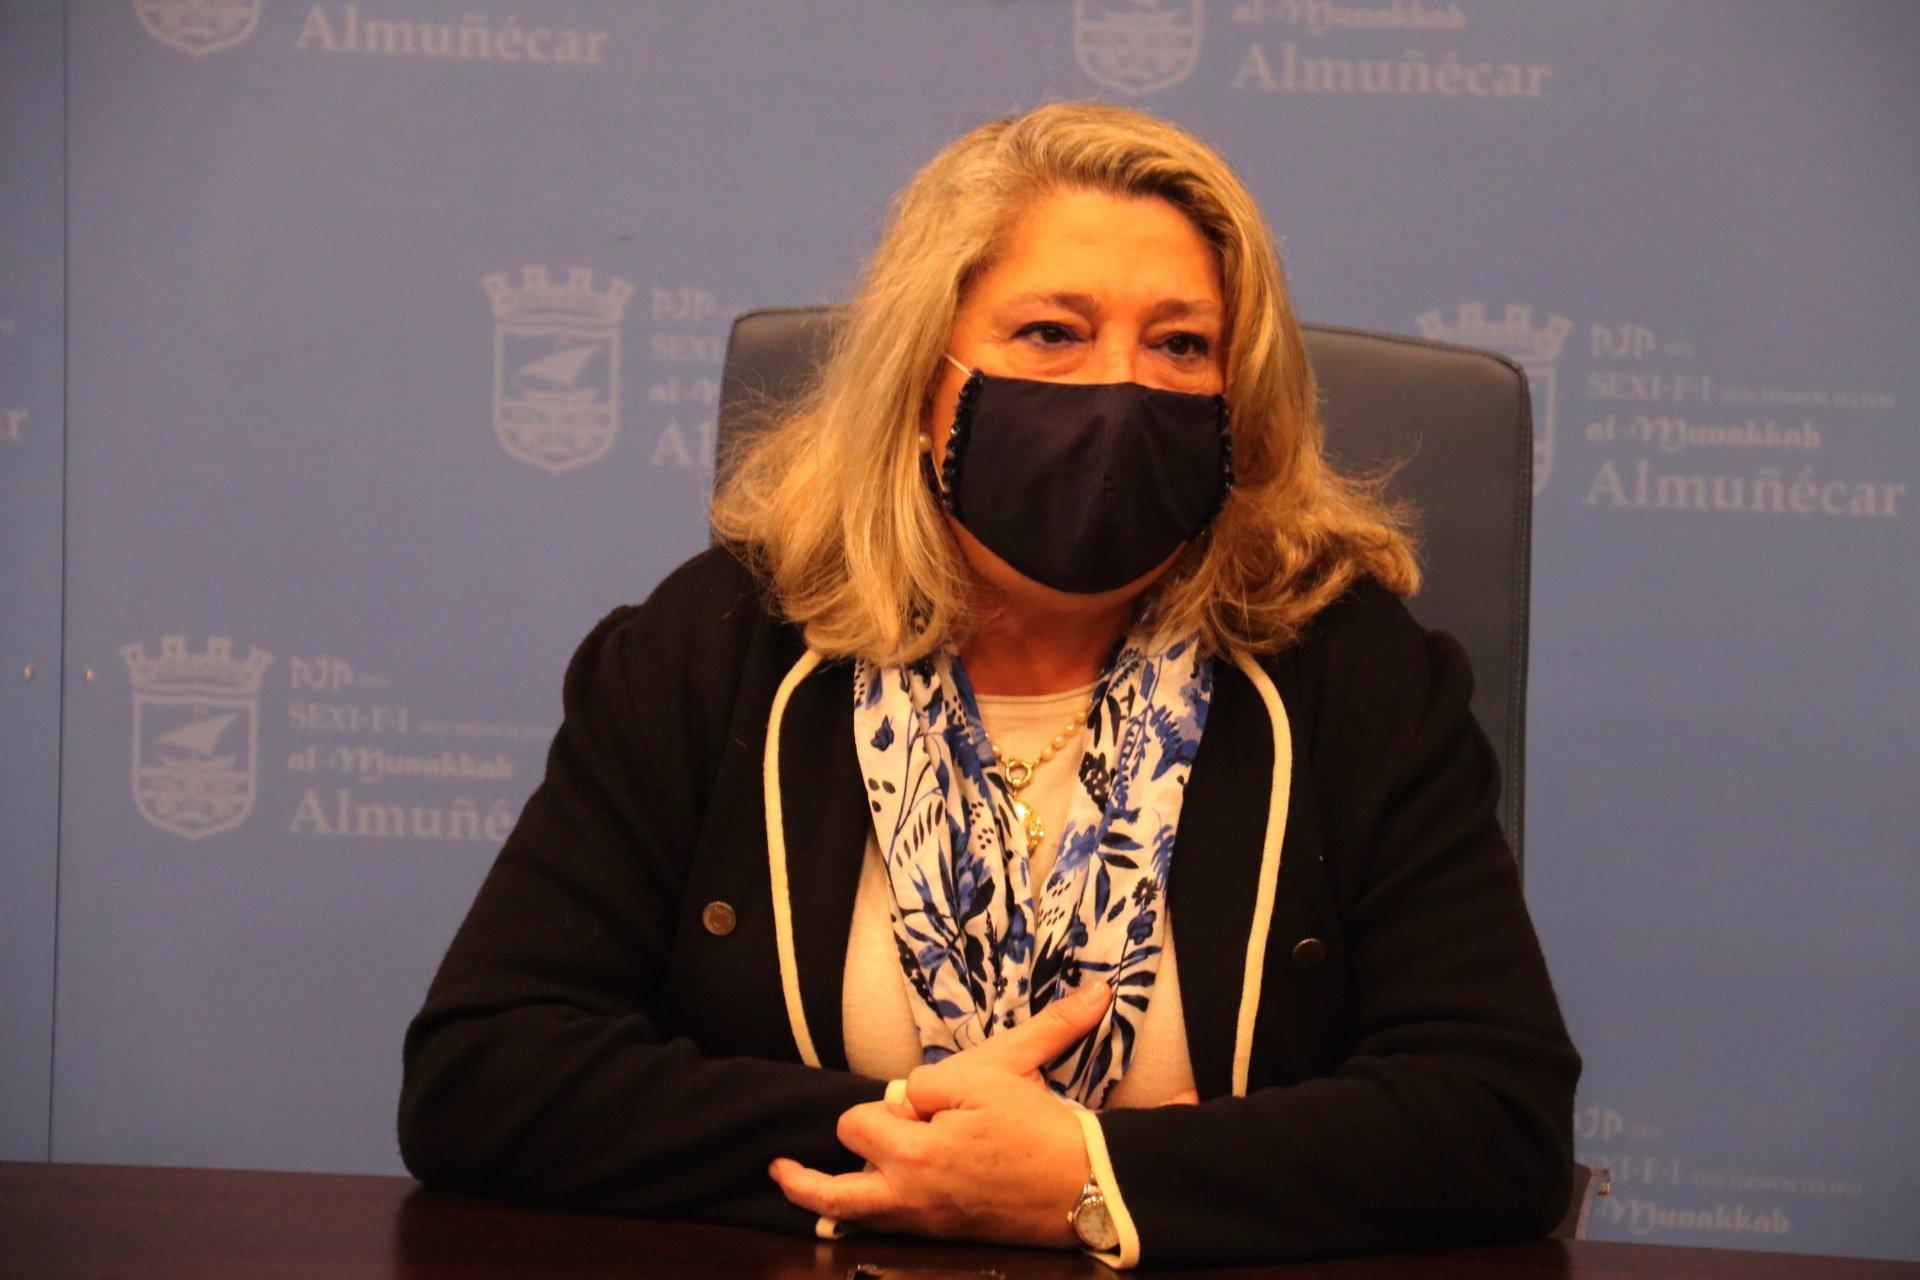 La alcaldesa de Almuñécar resalta que la situación es «complicada» pese al desconfinamiento